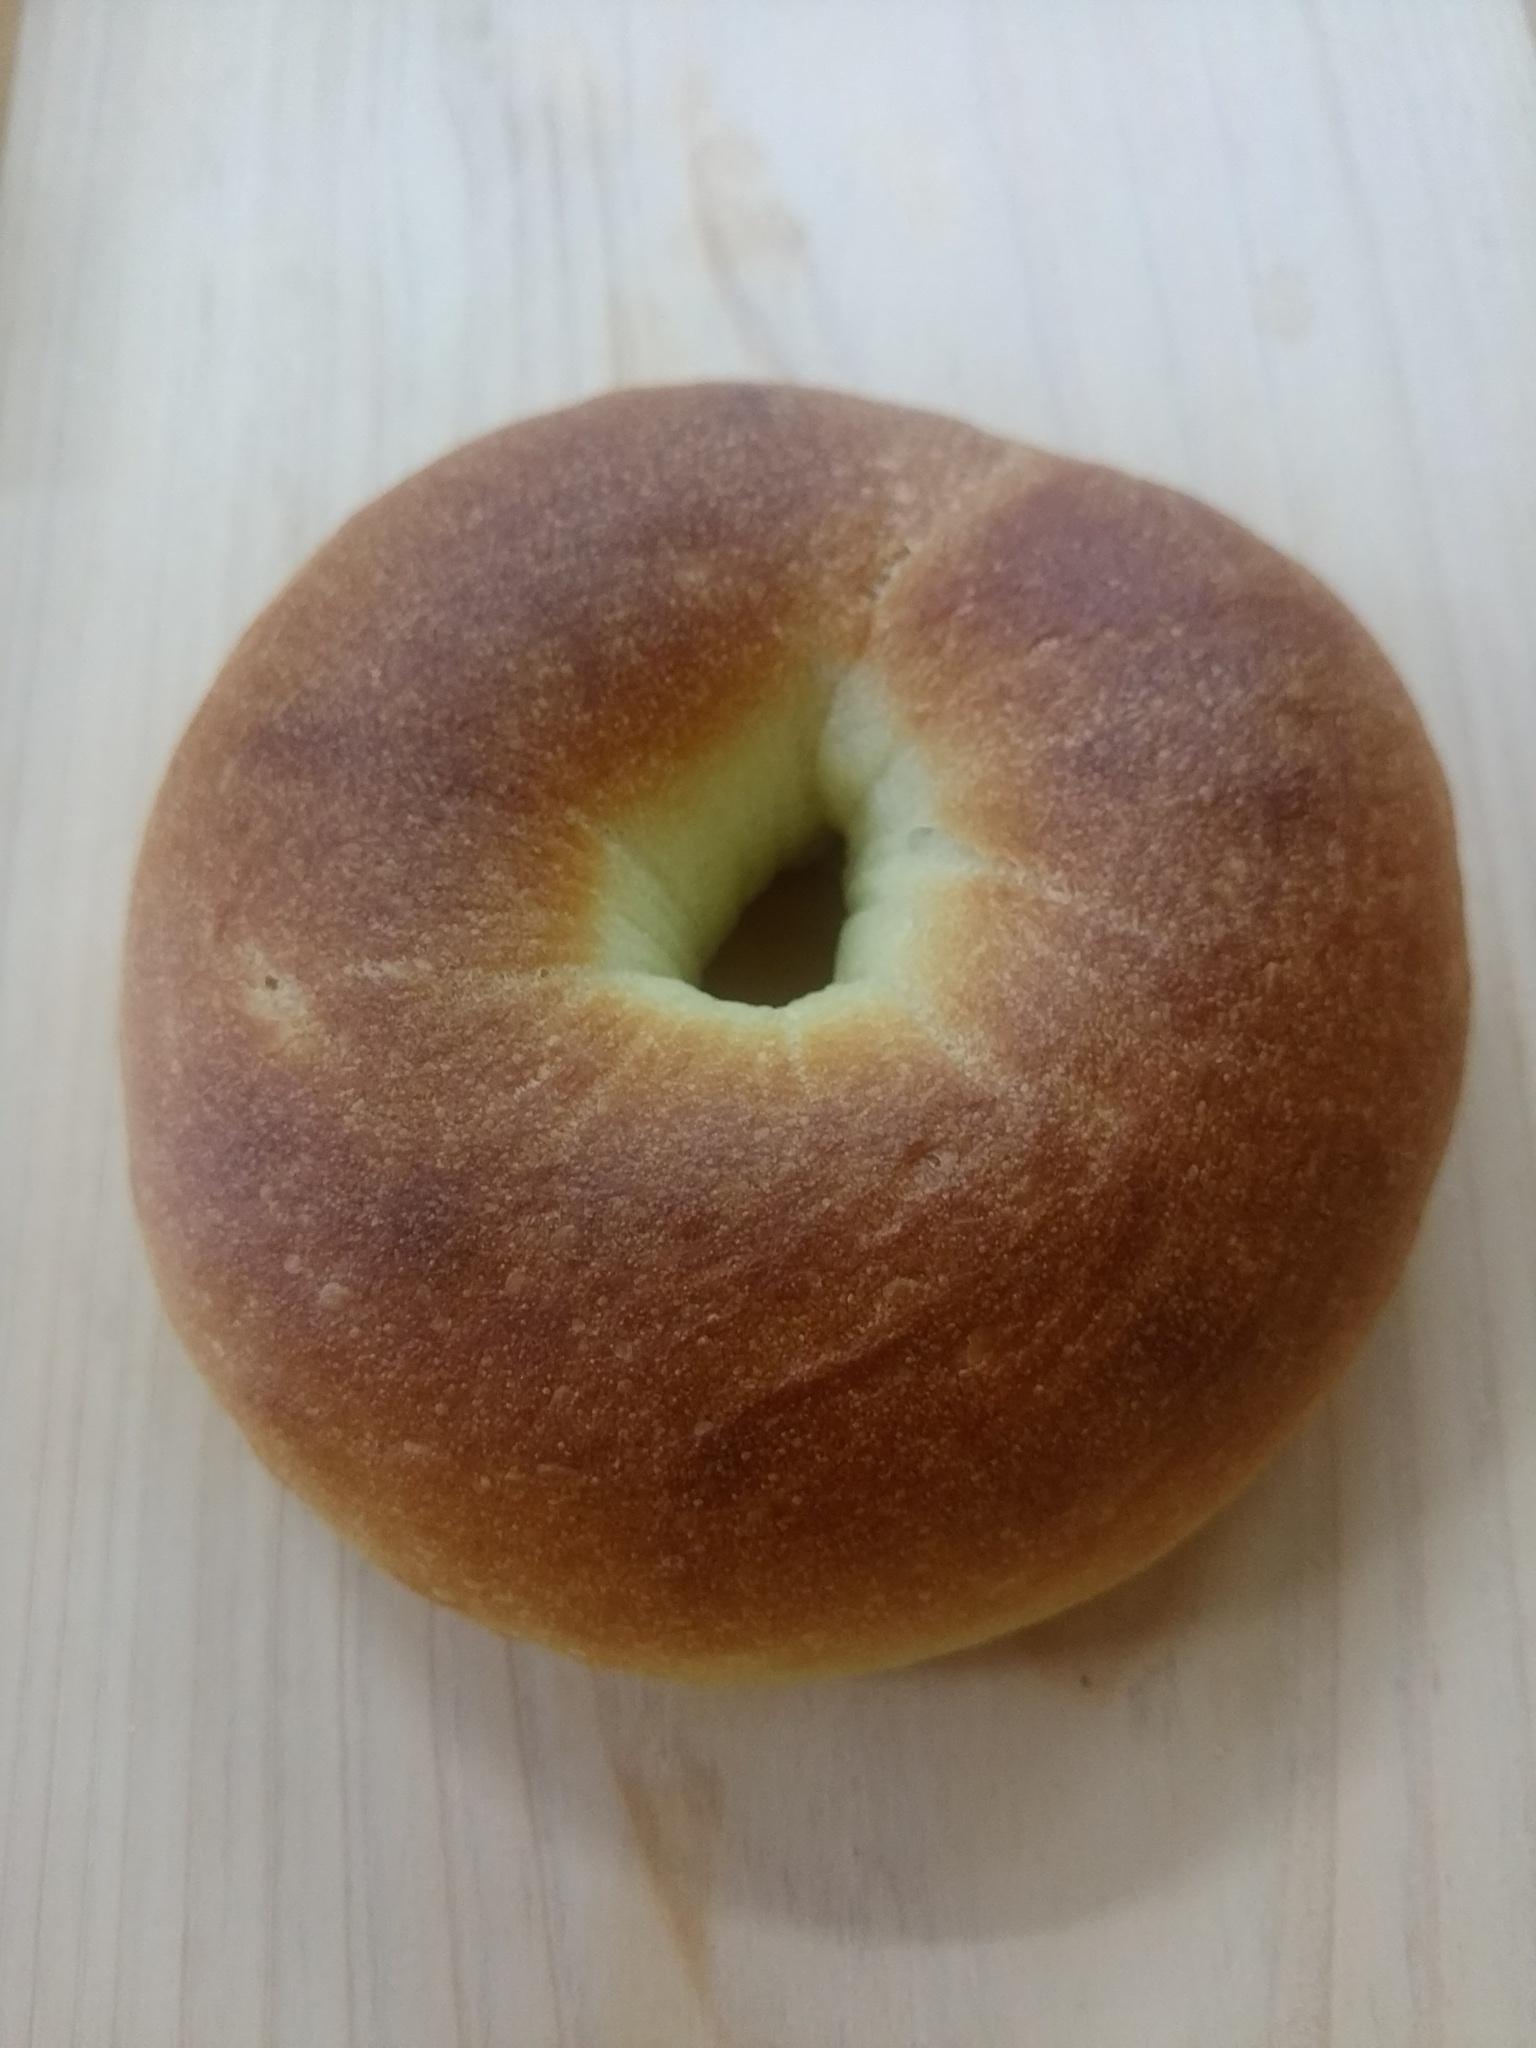 中津川 苗木 パン屋 パパン         プレーンベーグル 150円           米粉入り